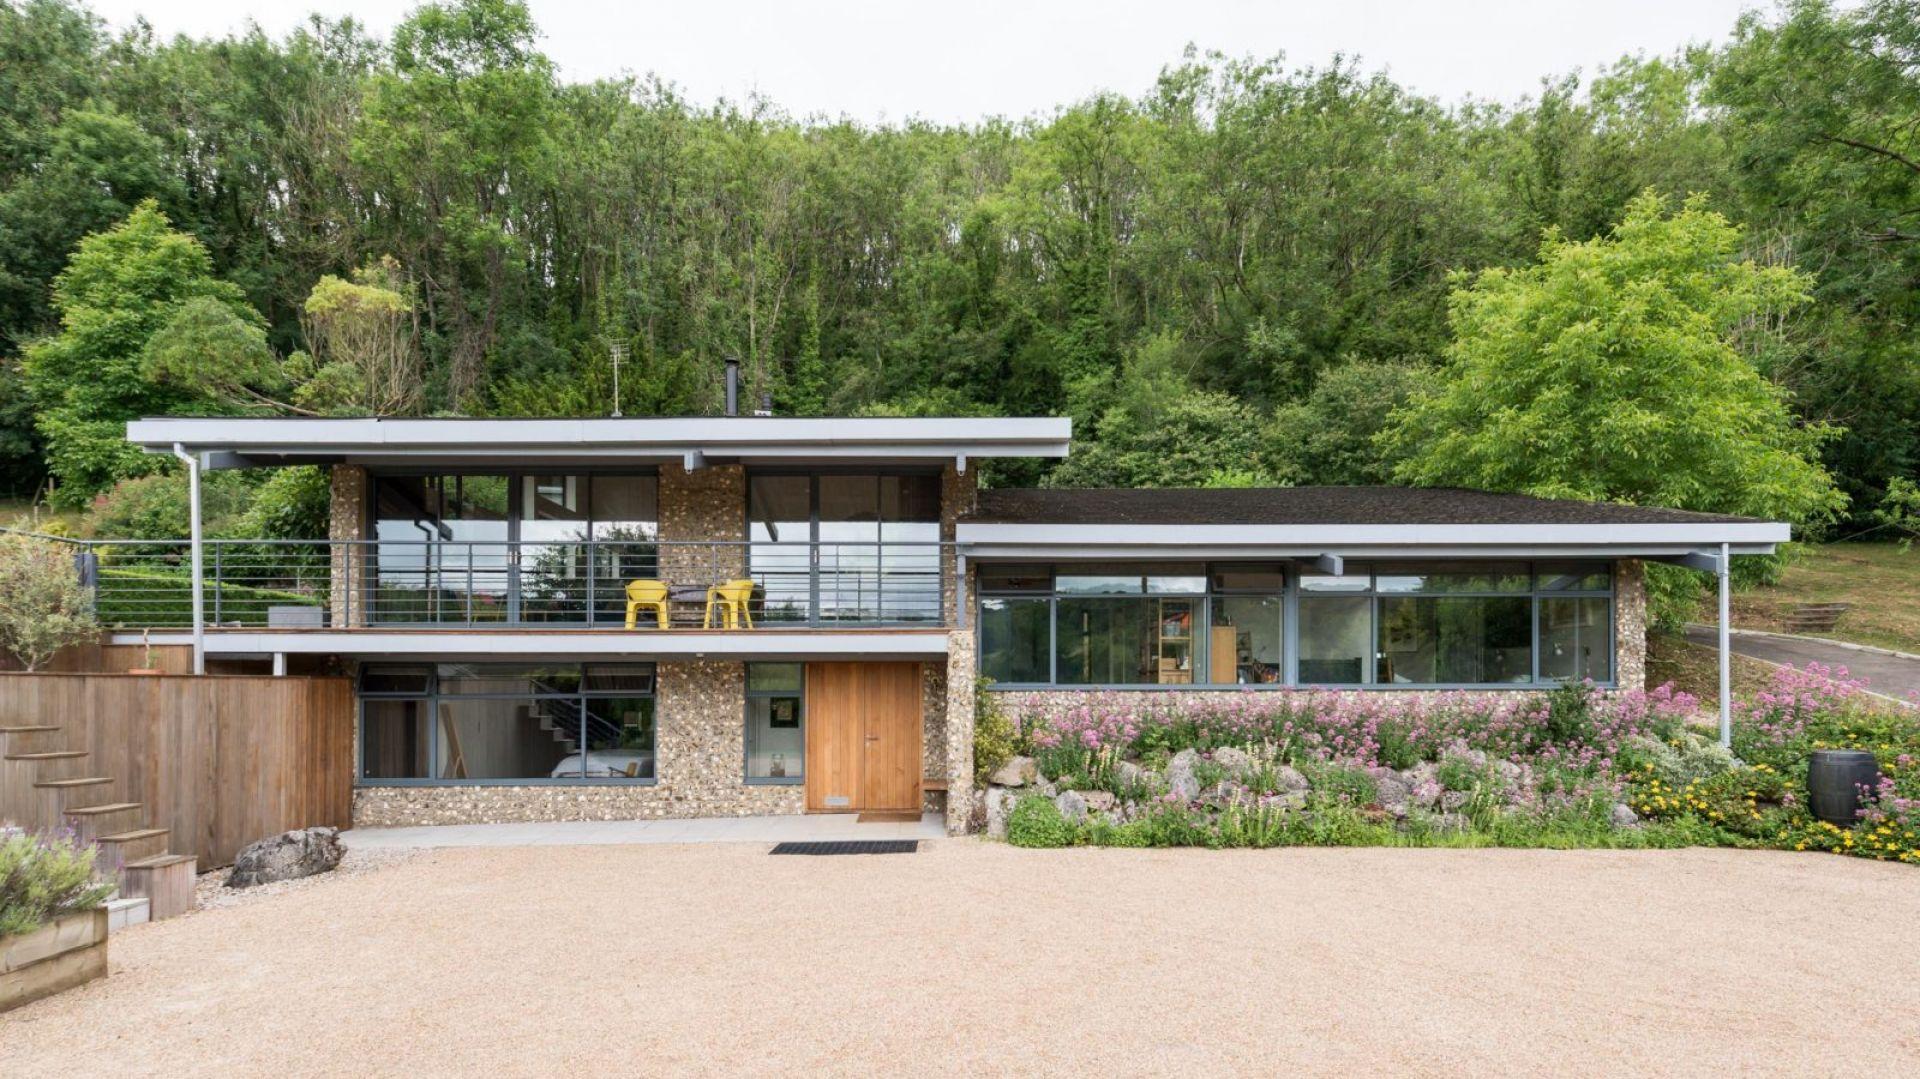 Powierzchnia użytkowa domu Sevenoaks Kent wynosi ponad 230 m kw. Fot. Giles Henry